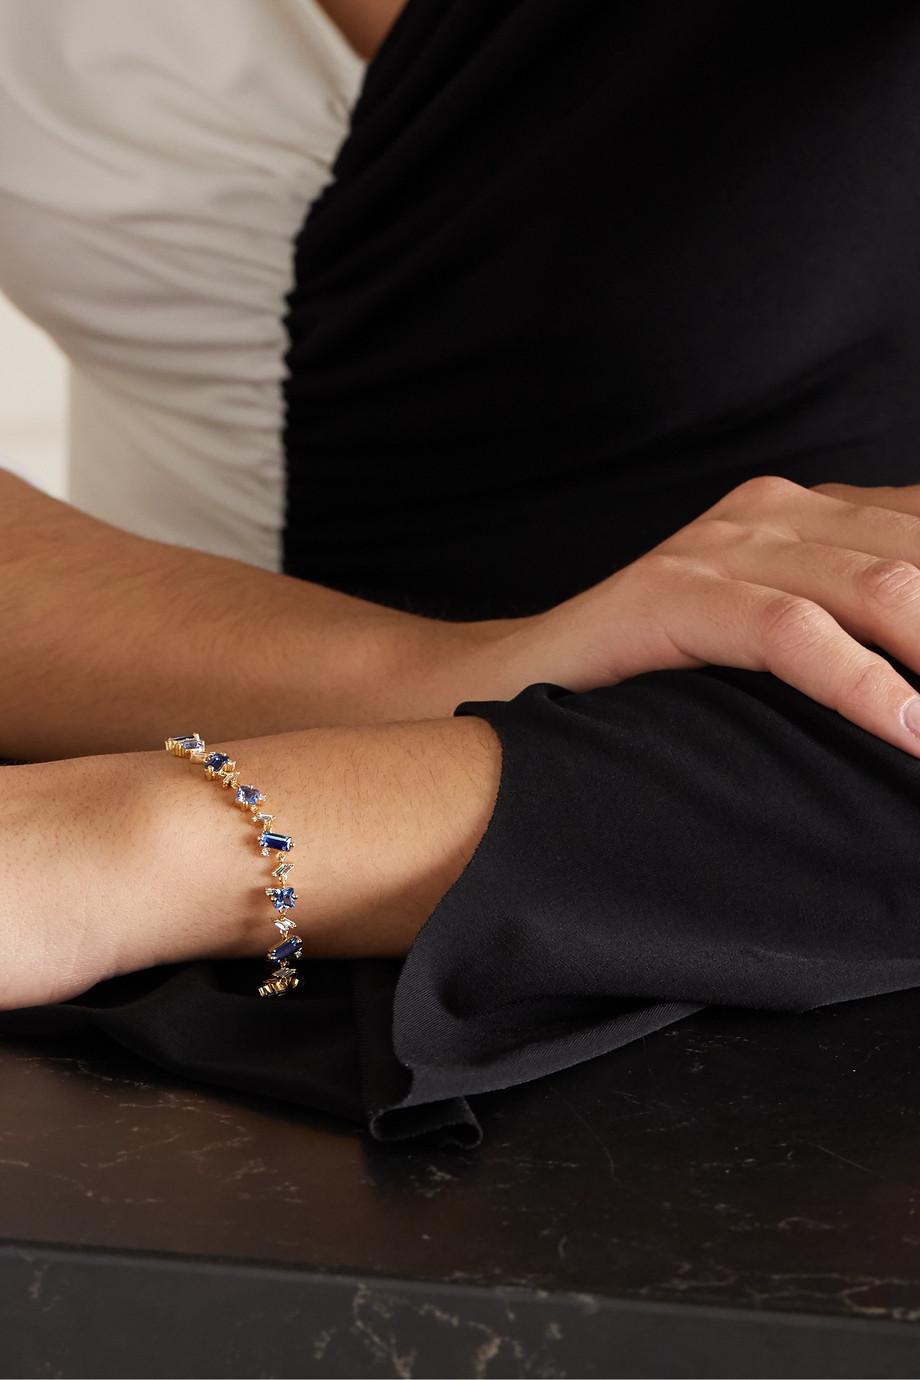 Suzanne Kalan Armband aus 18 Karat Gold mit Saphiren und Diamanten